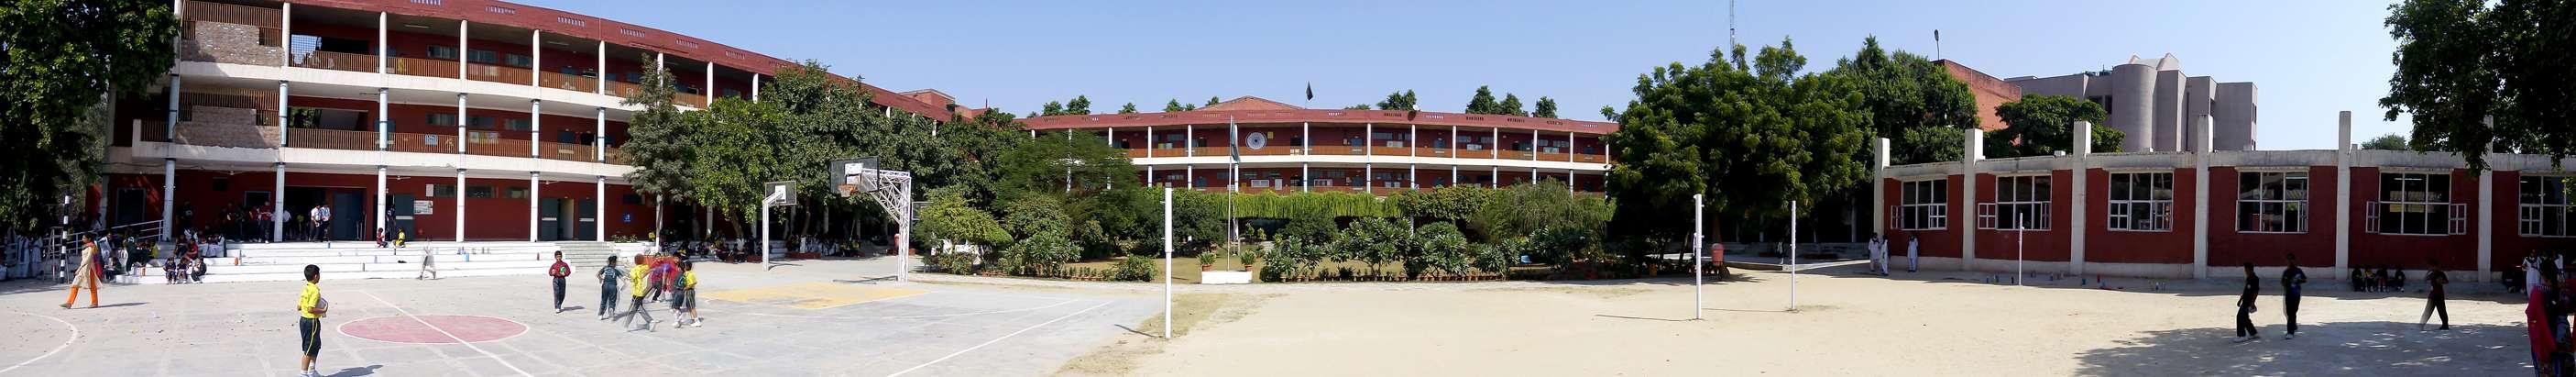 NEO CONVENT SCHOOL G 17 AREA PASCHIM VIHAR NEW DELHI 2730163